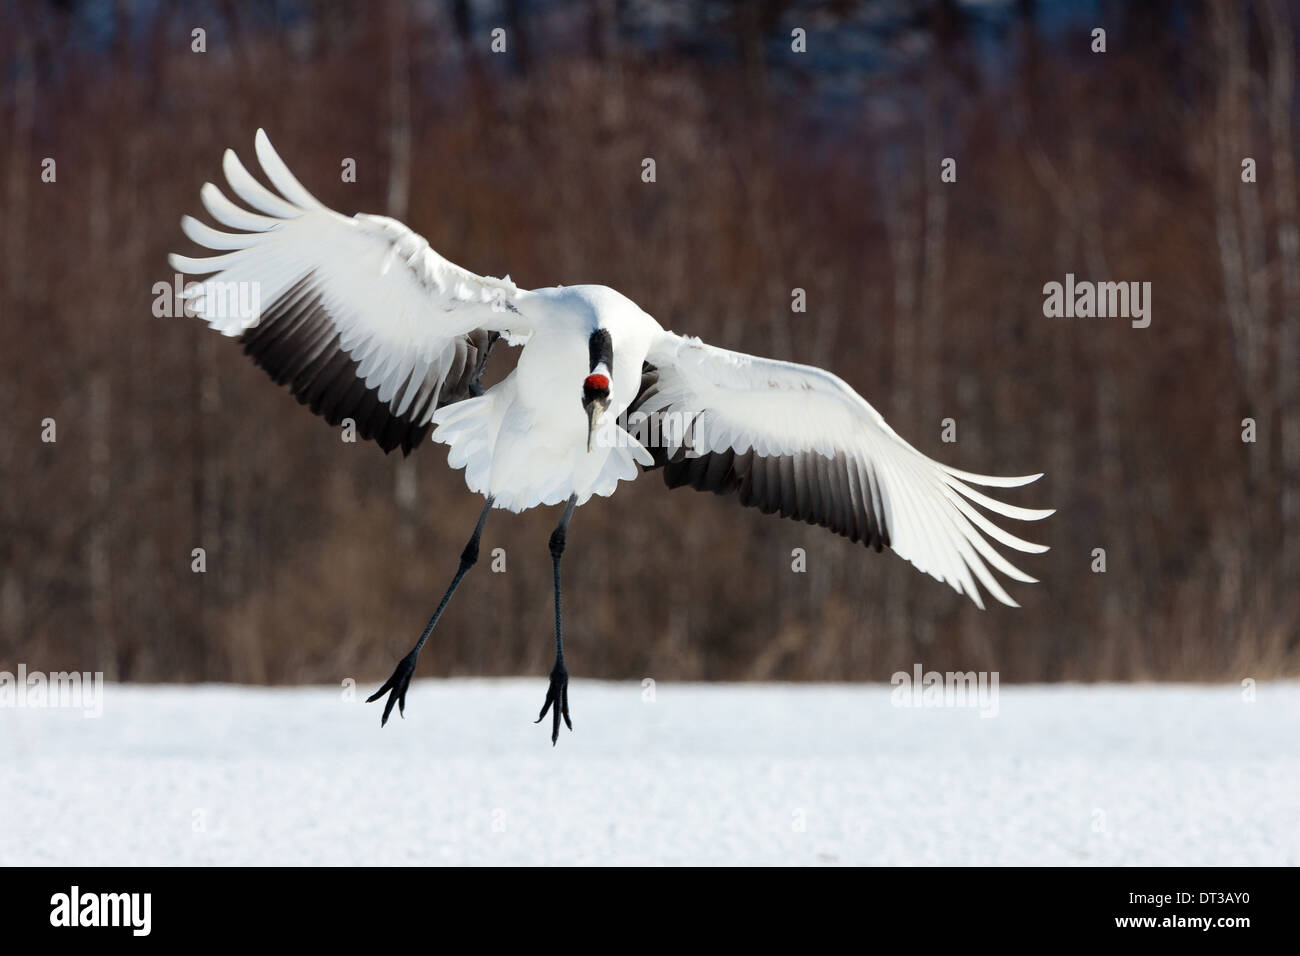 Japanese crane, Hokkaido, Japan - Stock Image